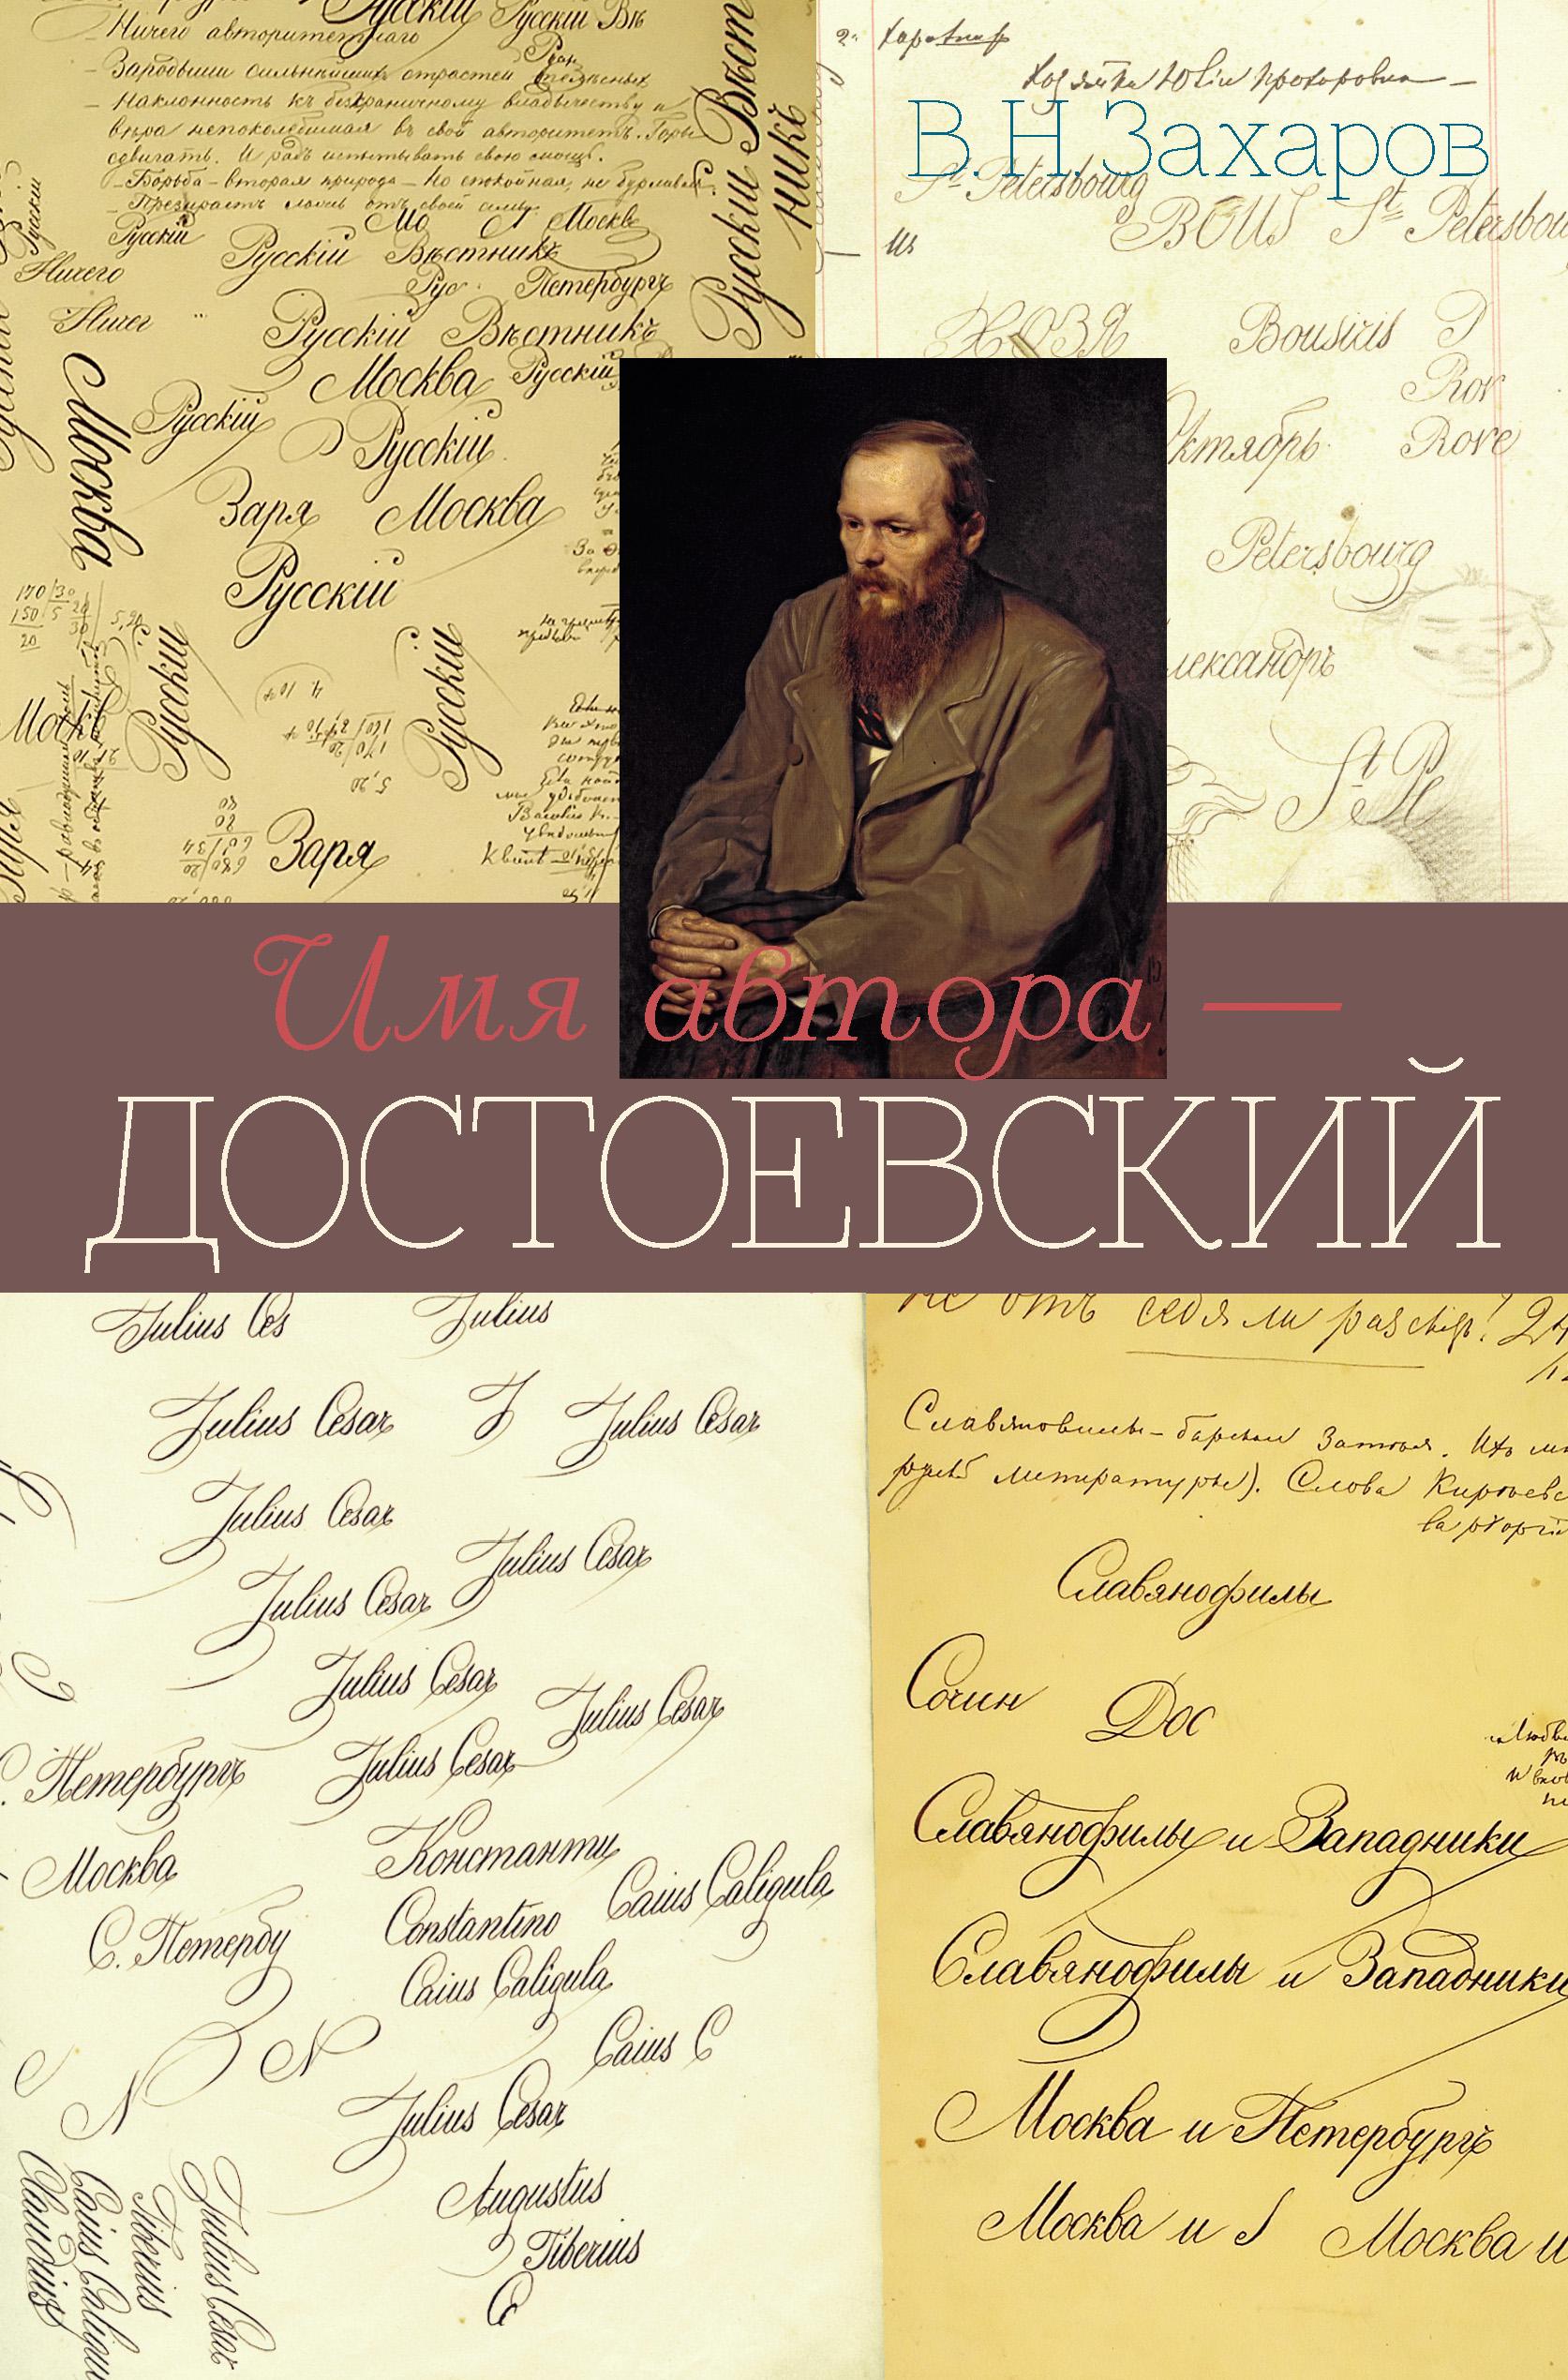 Имя автора – Достоевский